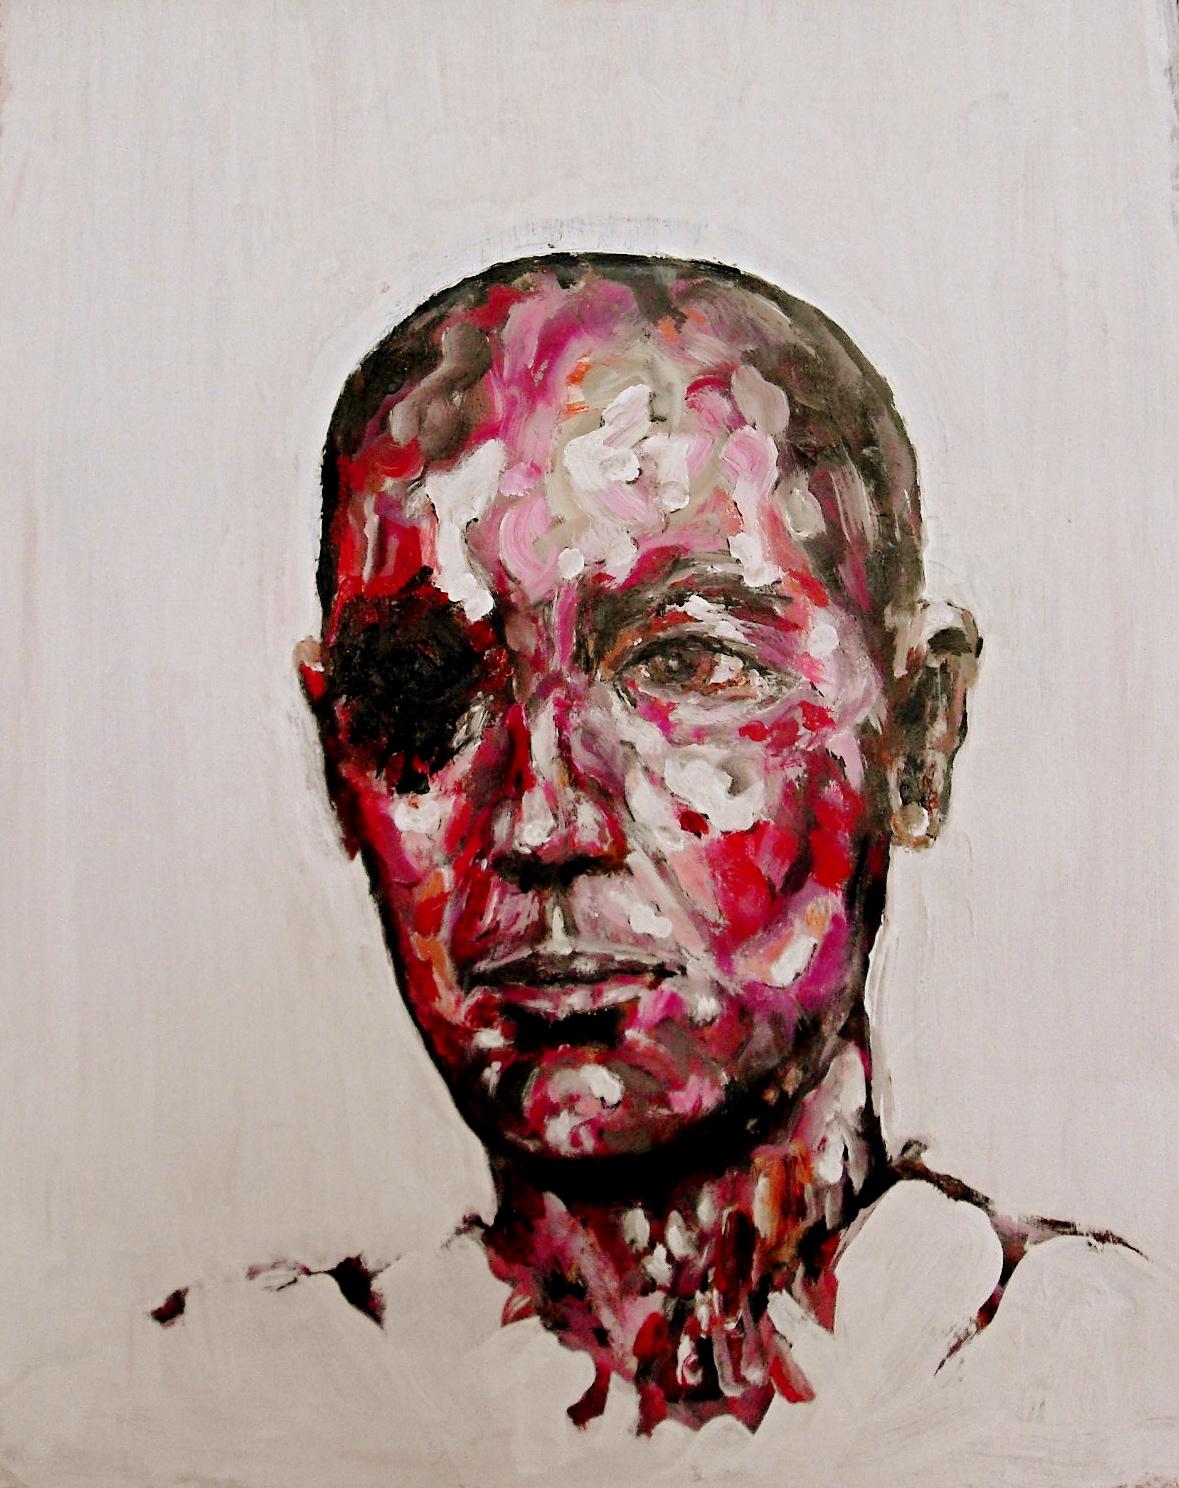 Sans titre et sans oeil. Acrylique sur papier / Acrylic on paper. 65 x 60 cm, par Stanmac 2016. Seconde version d'un portrait de borgne.